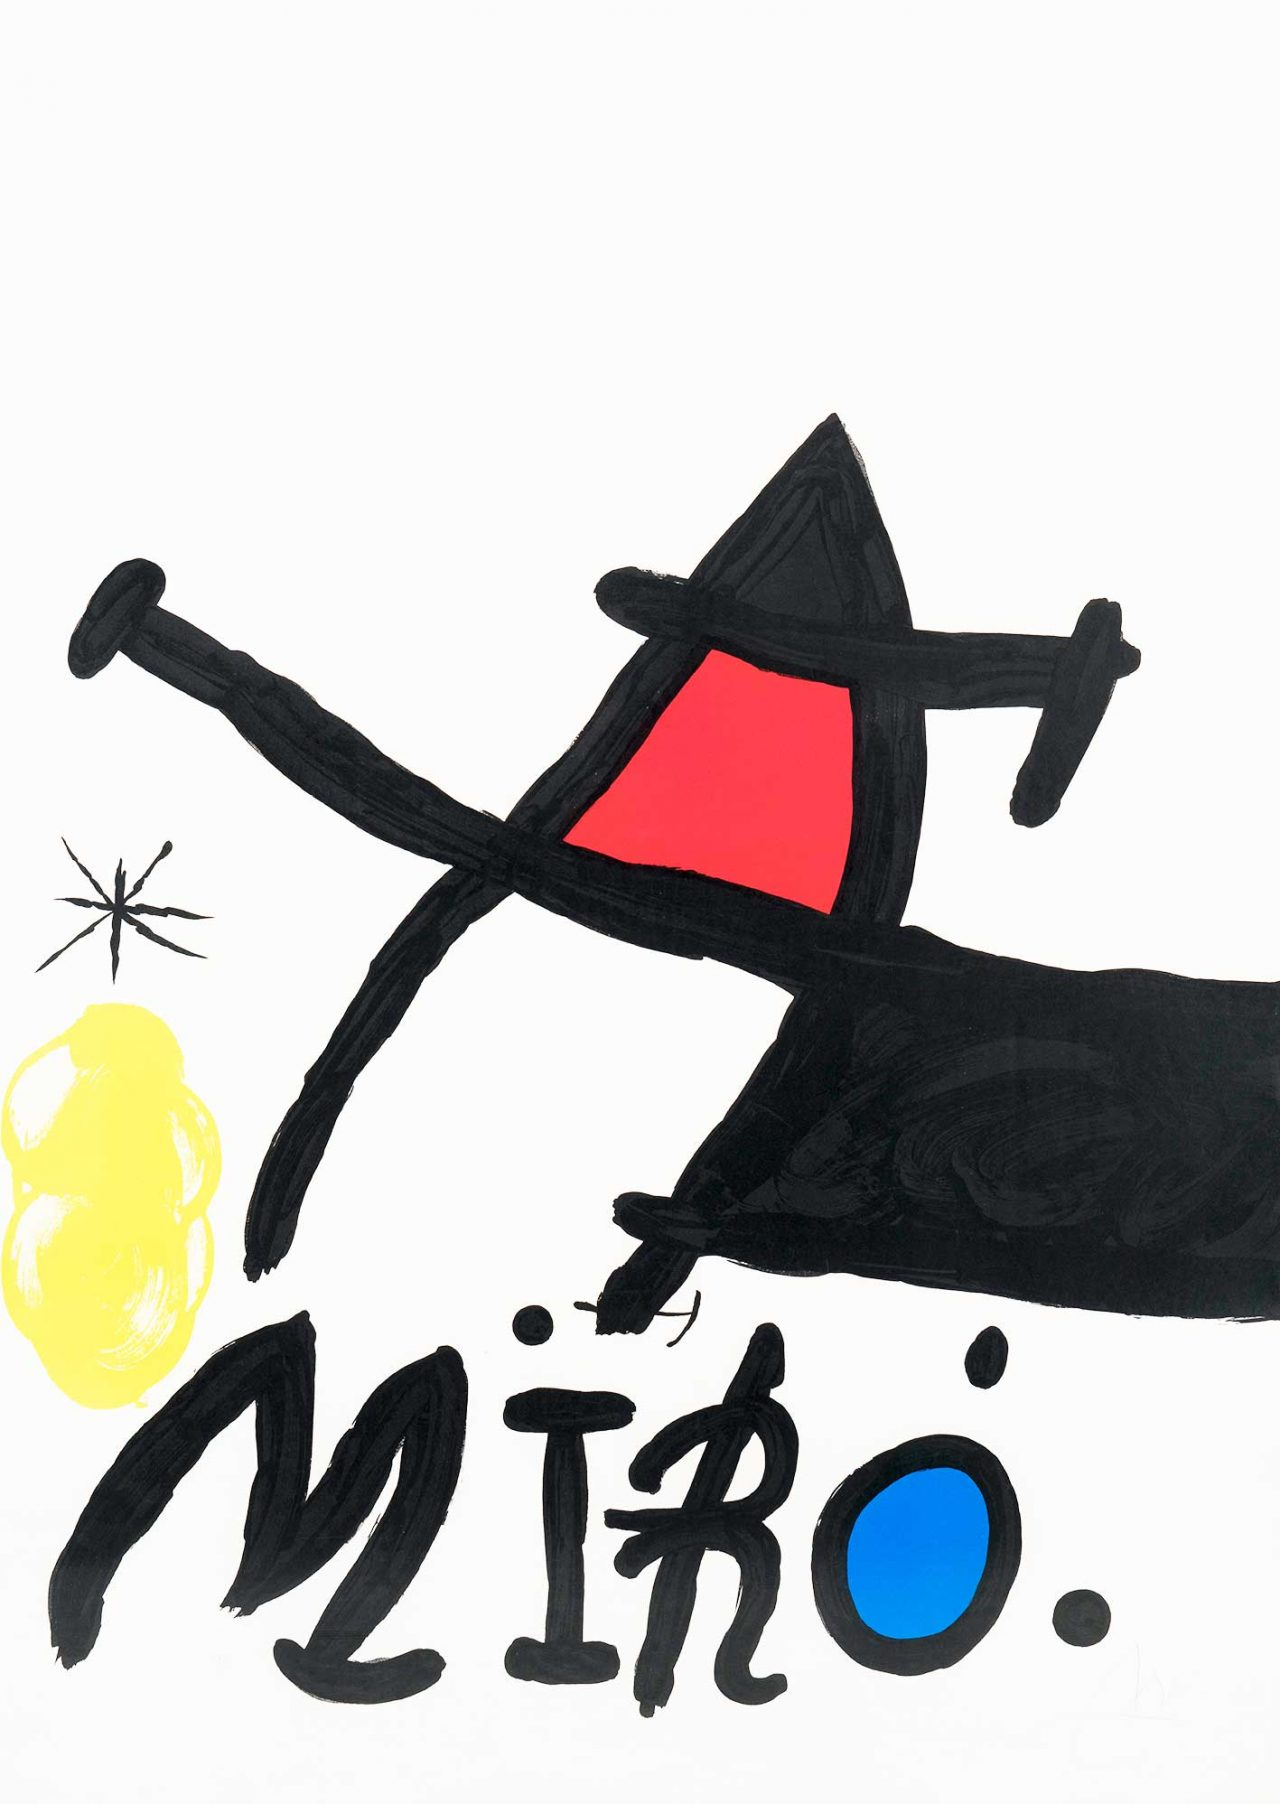 Joan-Miró,-Paris-Mât,-1971-©-Successió-Miró-ADAGP,-Paris-and-DACS-London-2021.-Courtesy-Galerie-Lelong-&-Co.-Paris